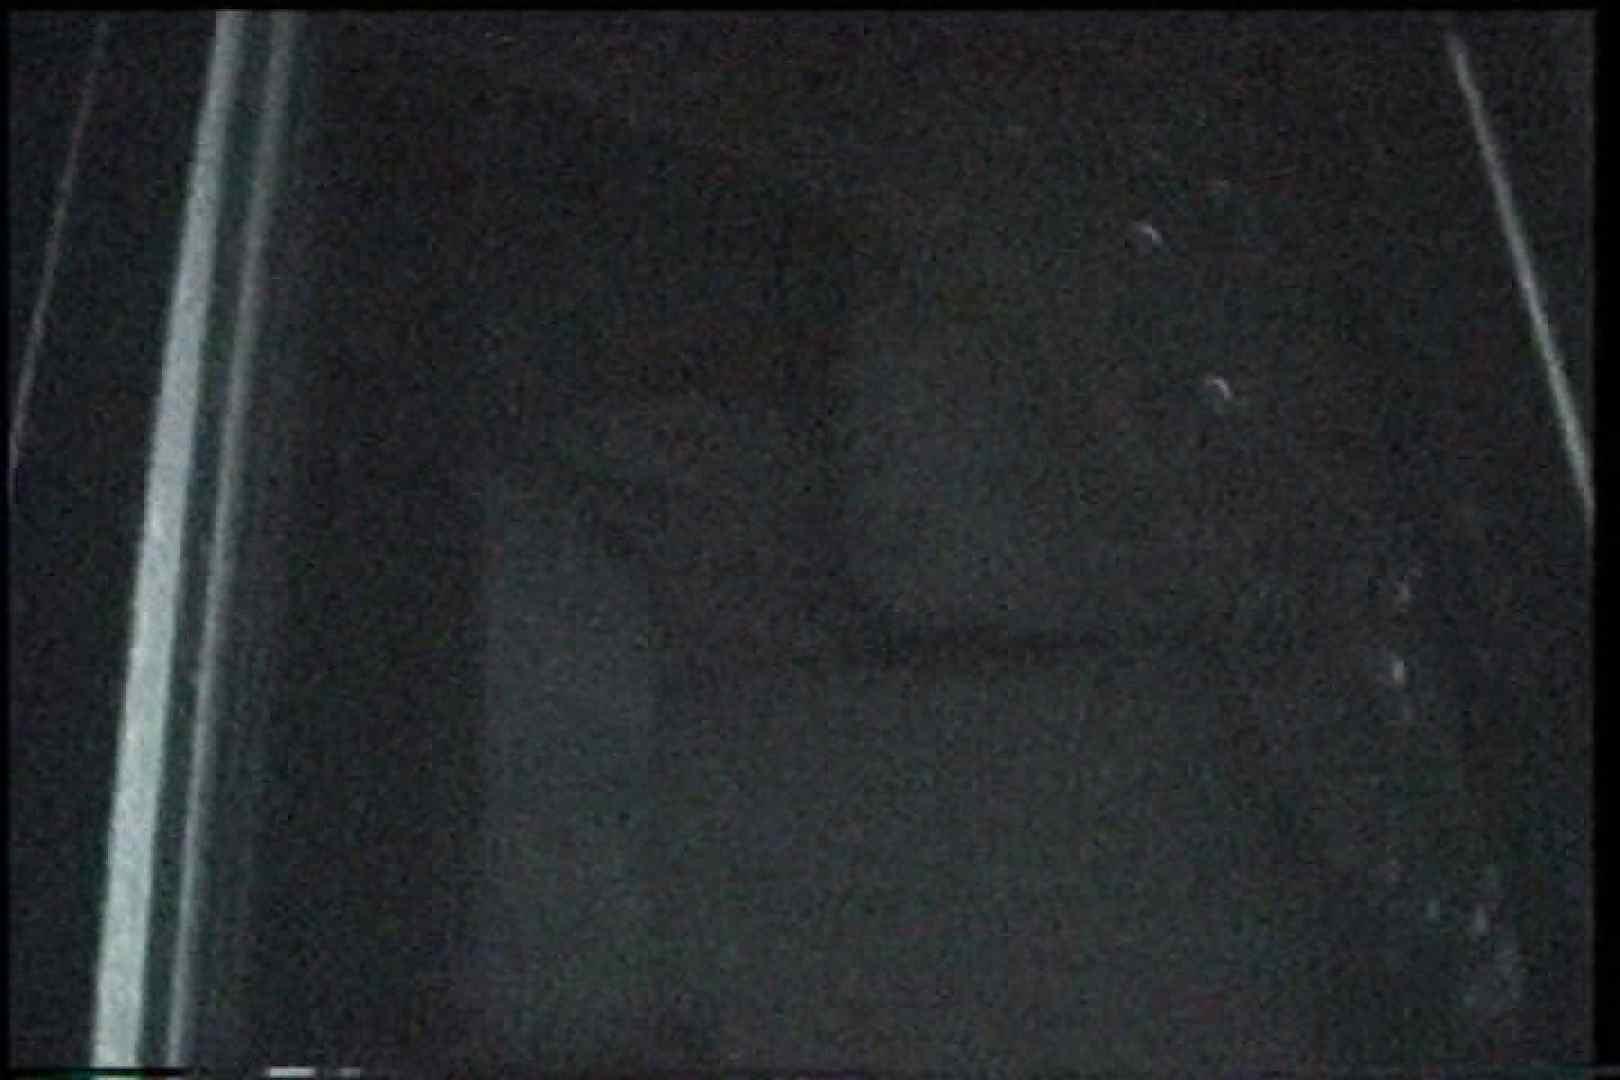 充血監督の深夜の運動会Vol.194 カップル オマンコ動画キャプチャ 103pic 44